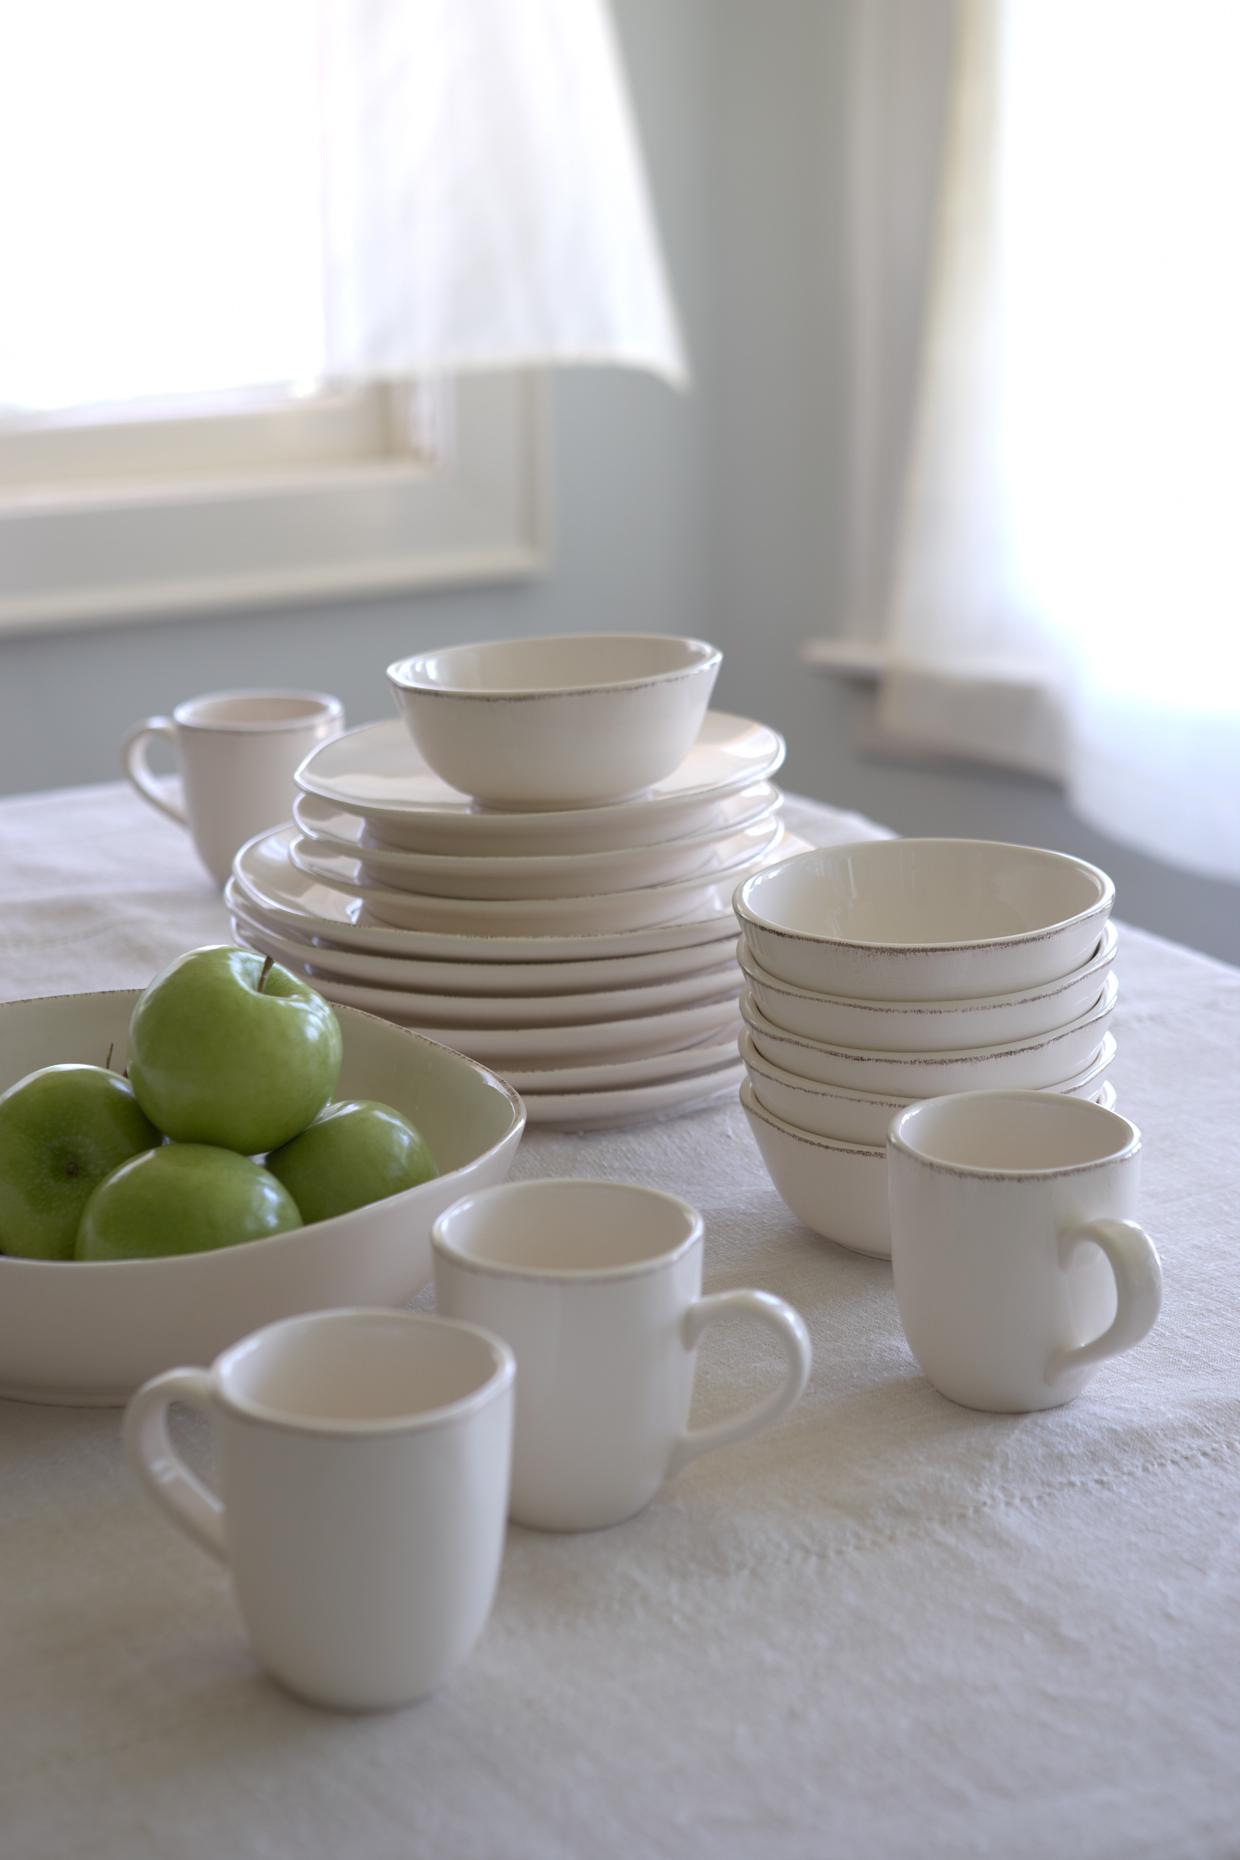 Product Photography StillLife Derek Israelsen Apples Dinnerware